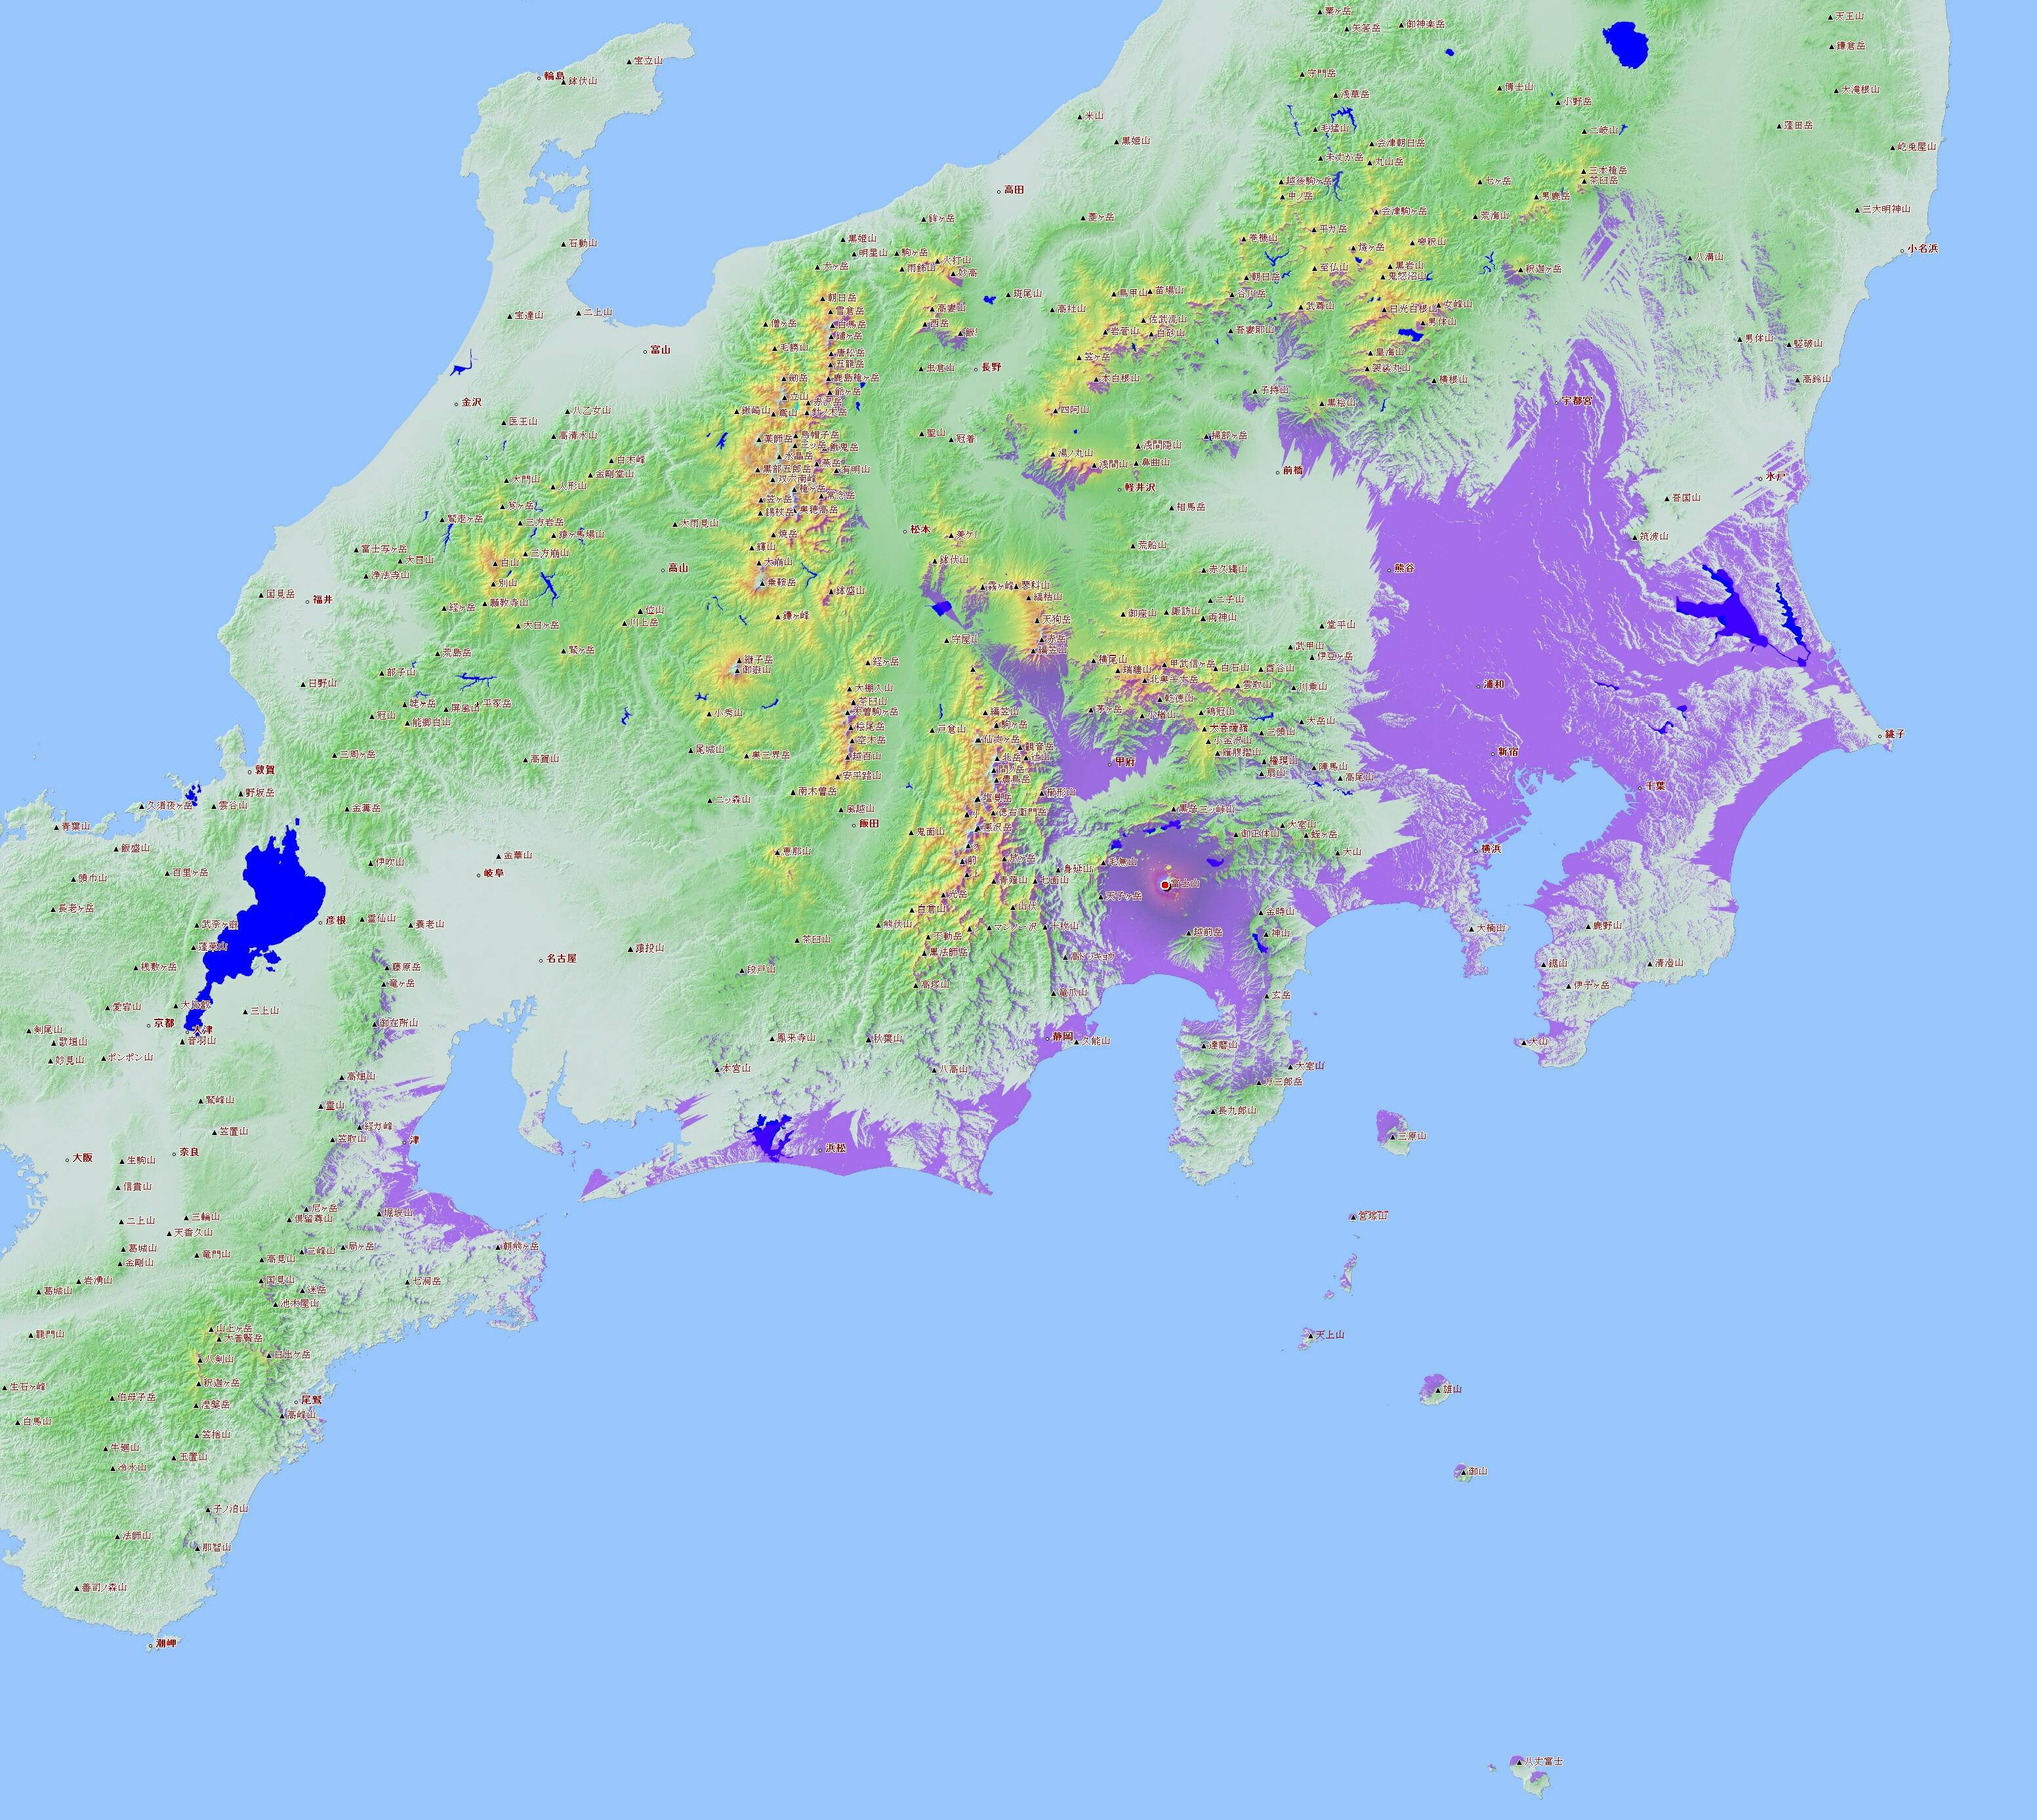 Une Carte De La Visibilite Potentielle Du Mont Fuji